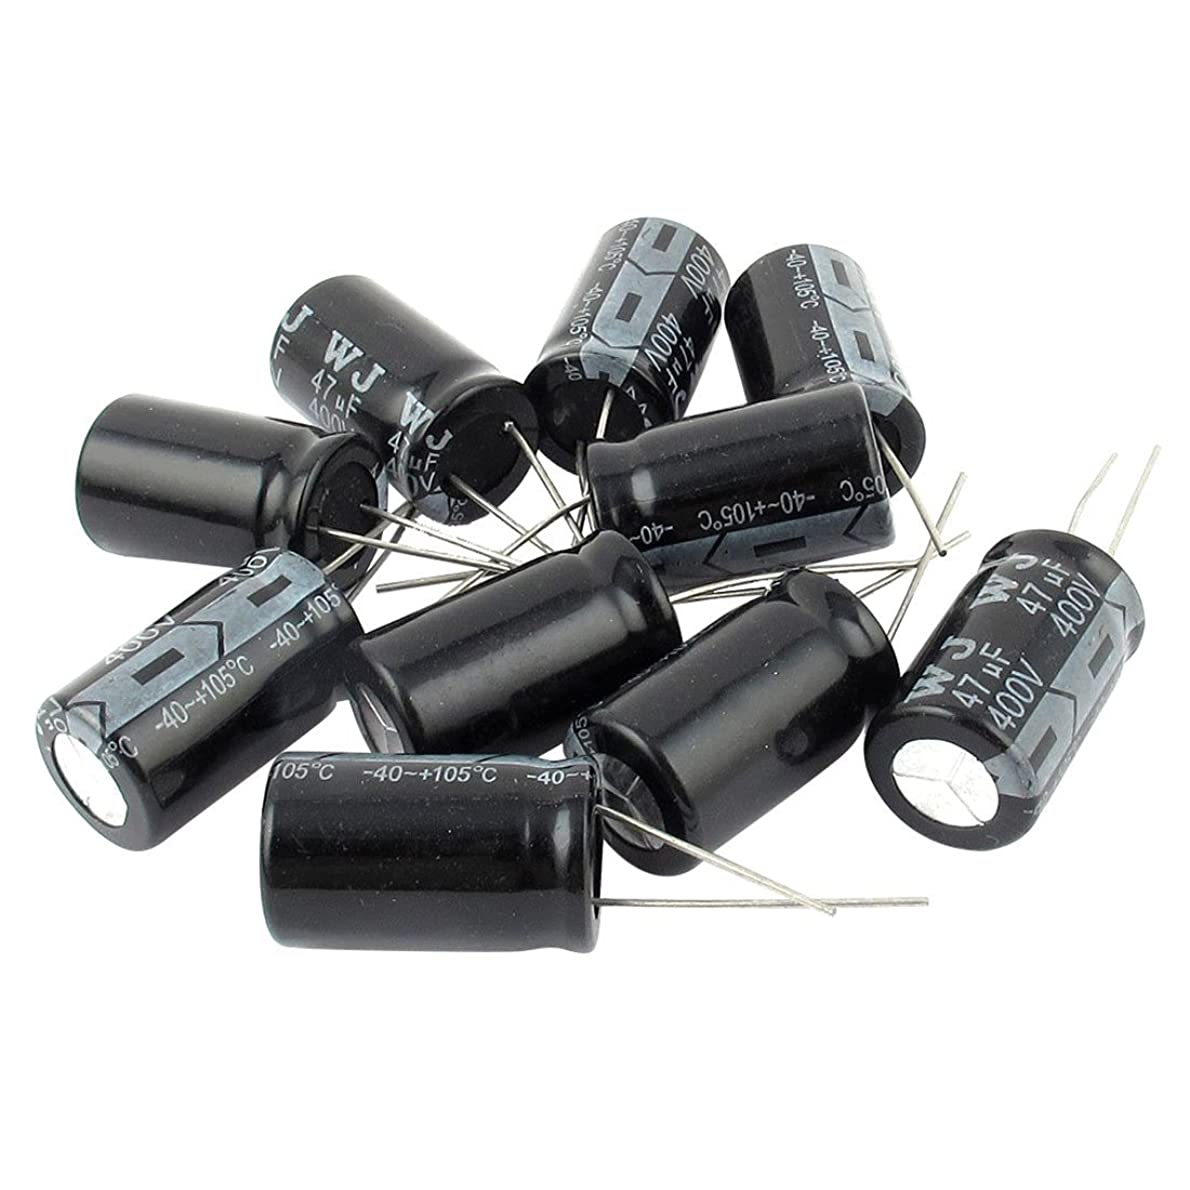 状況百断言する電解コンデンサ,SODIAL(R) 10件の400V 47uF 105 摂氏 ラジアルリード電解コンデンサ 16mm x 25mm